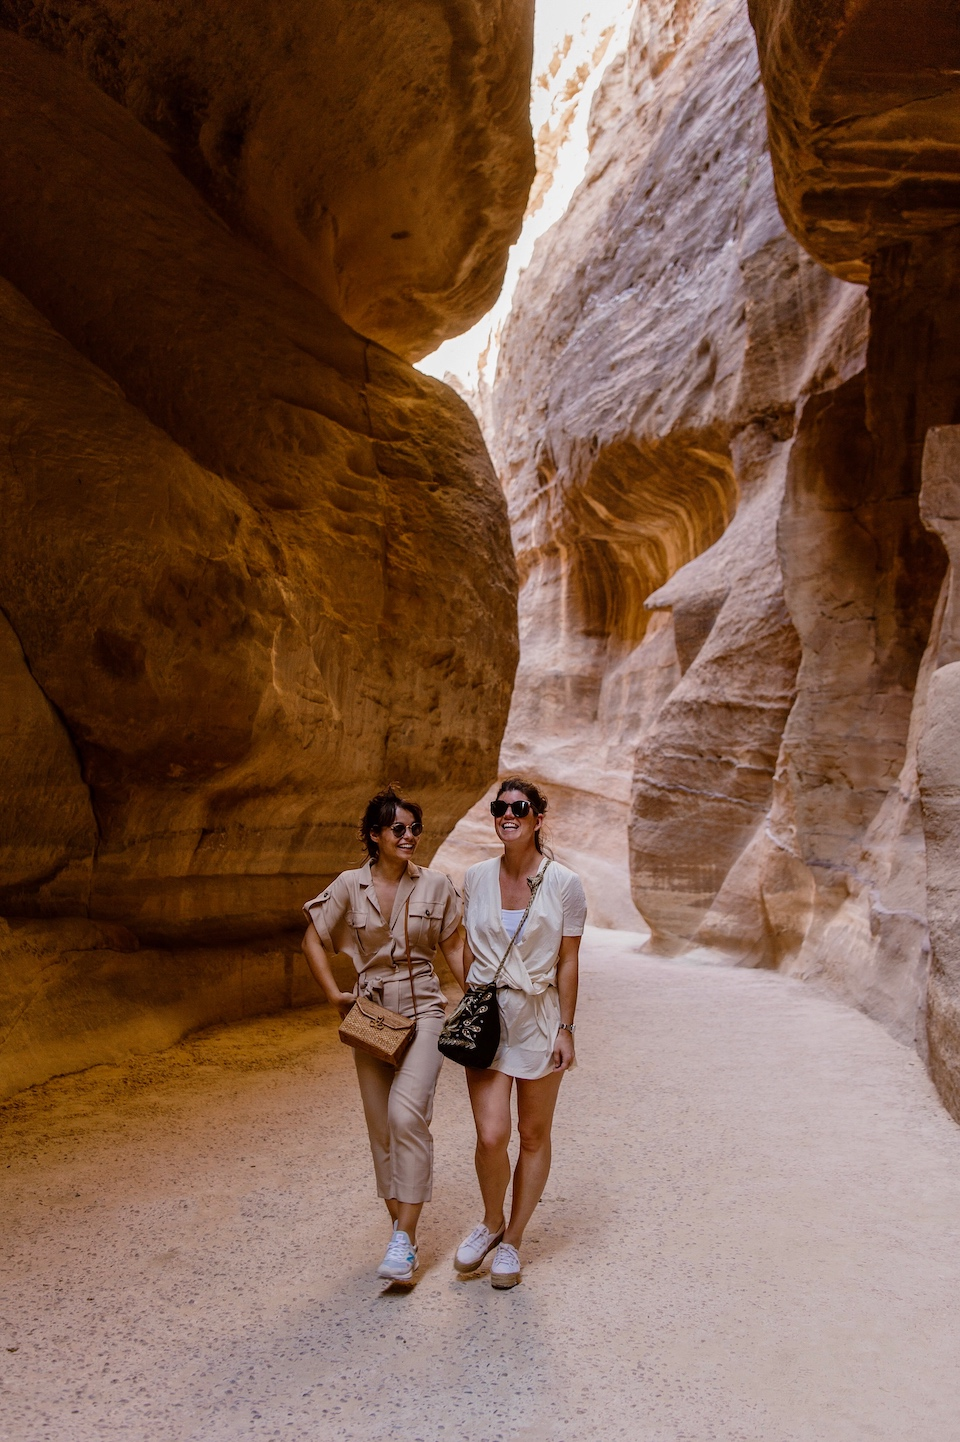 Wereldwonder Petra in Jordanië bezoeken. Dit zijn de tips! Kiki Duren, Amayzine, Kiki Multum travel blogger